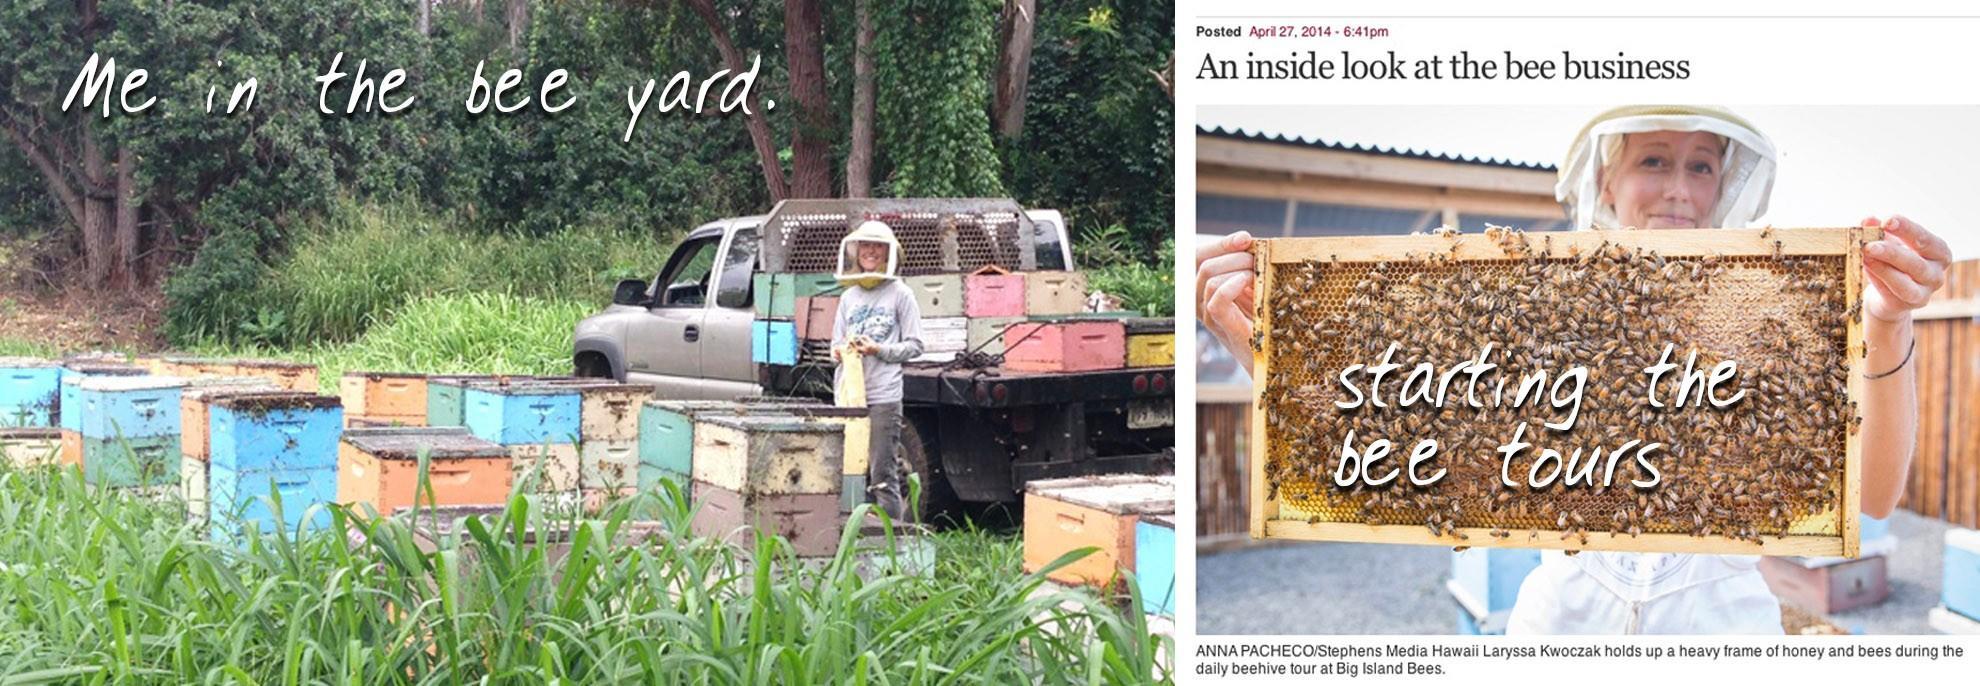 Laryssa giving a beekeeping tour